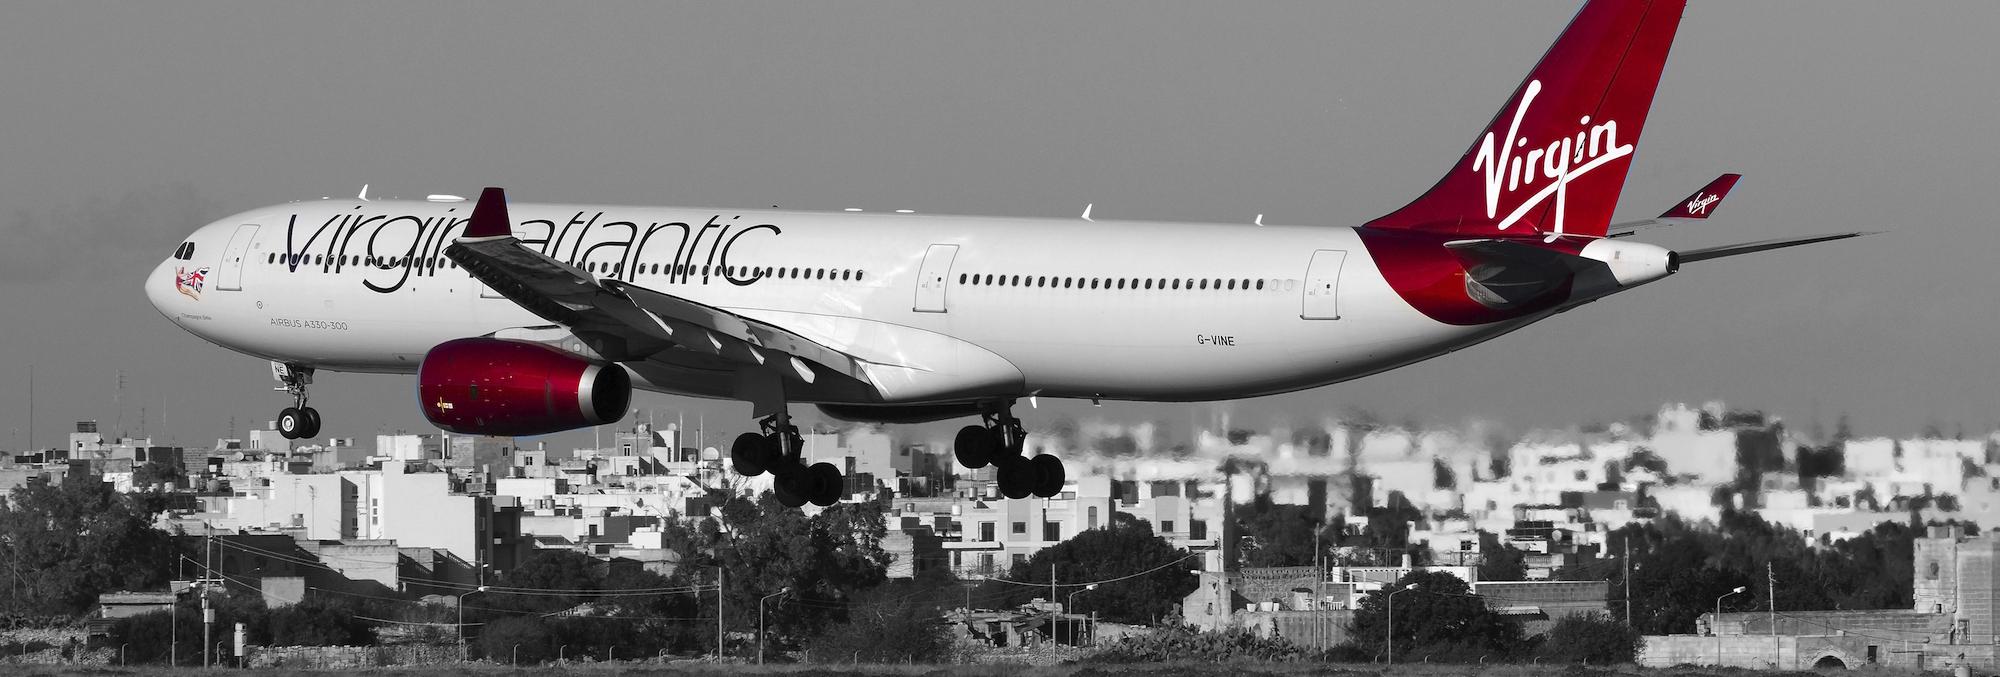 Virgin Atlantic image